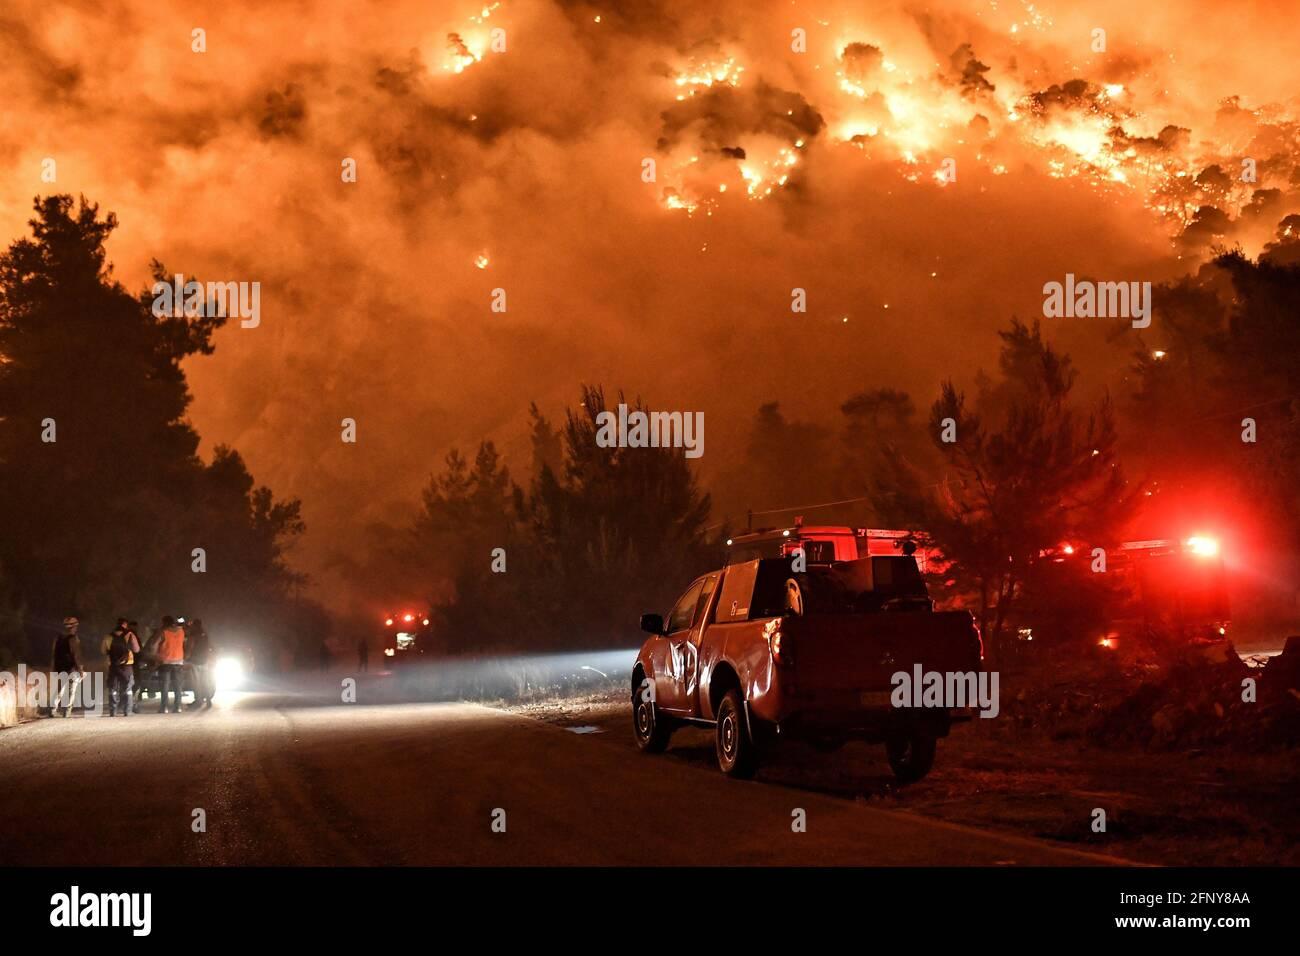 Die Flammen steigen, während Feuerwehrleute und Freiwillige versuchen, einen Brand im Dorf Schinos in der Nähe von Korinth, Griechenland, zu löschen, 19. Mai 2021. Bild aufgenommen am 19. Mai 2021. REUTERS/Vassilis Psomas Stockfoto